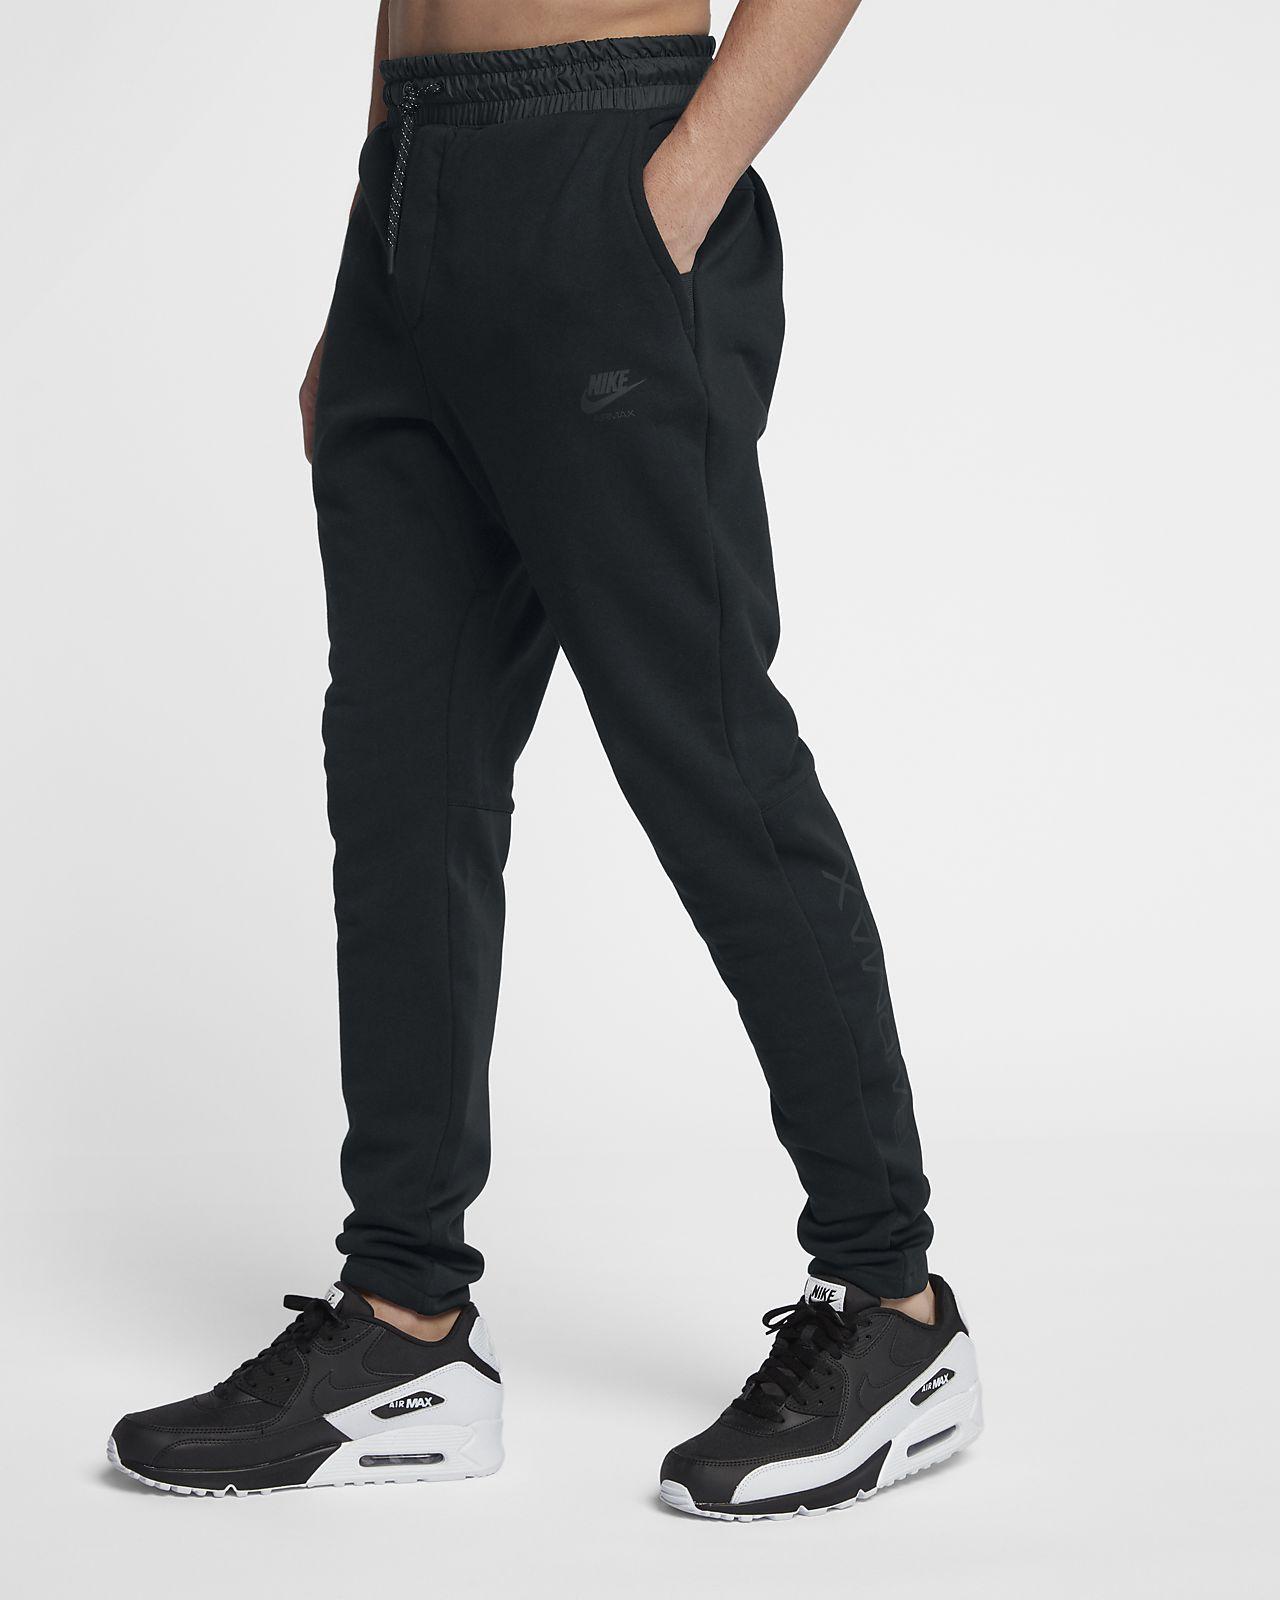 0fa26a0a08 Nike Sportswear Air Max Men's Joggers